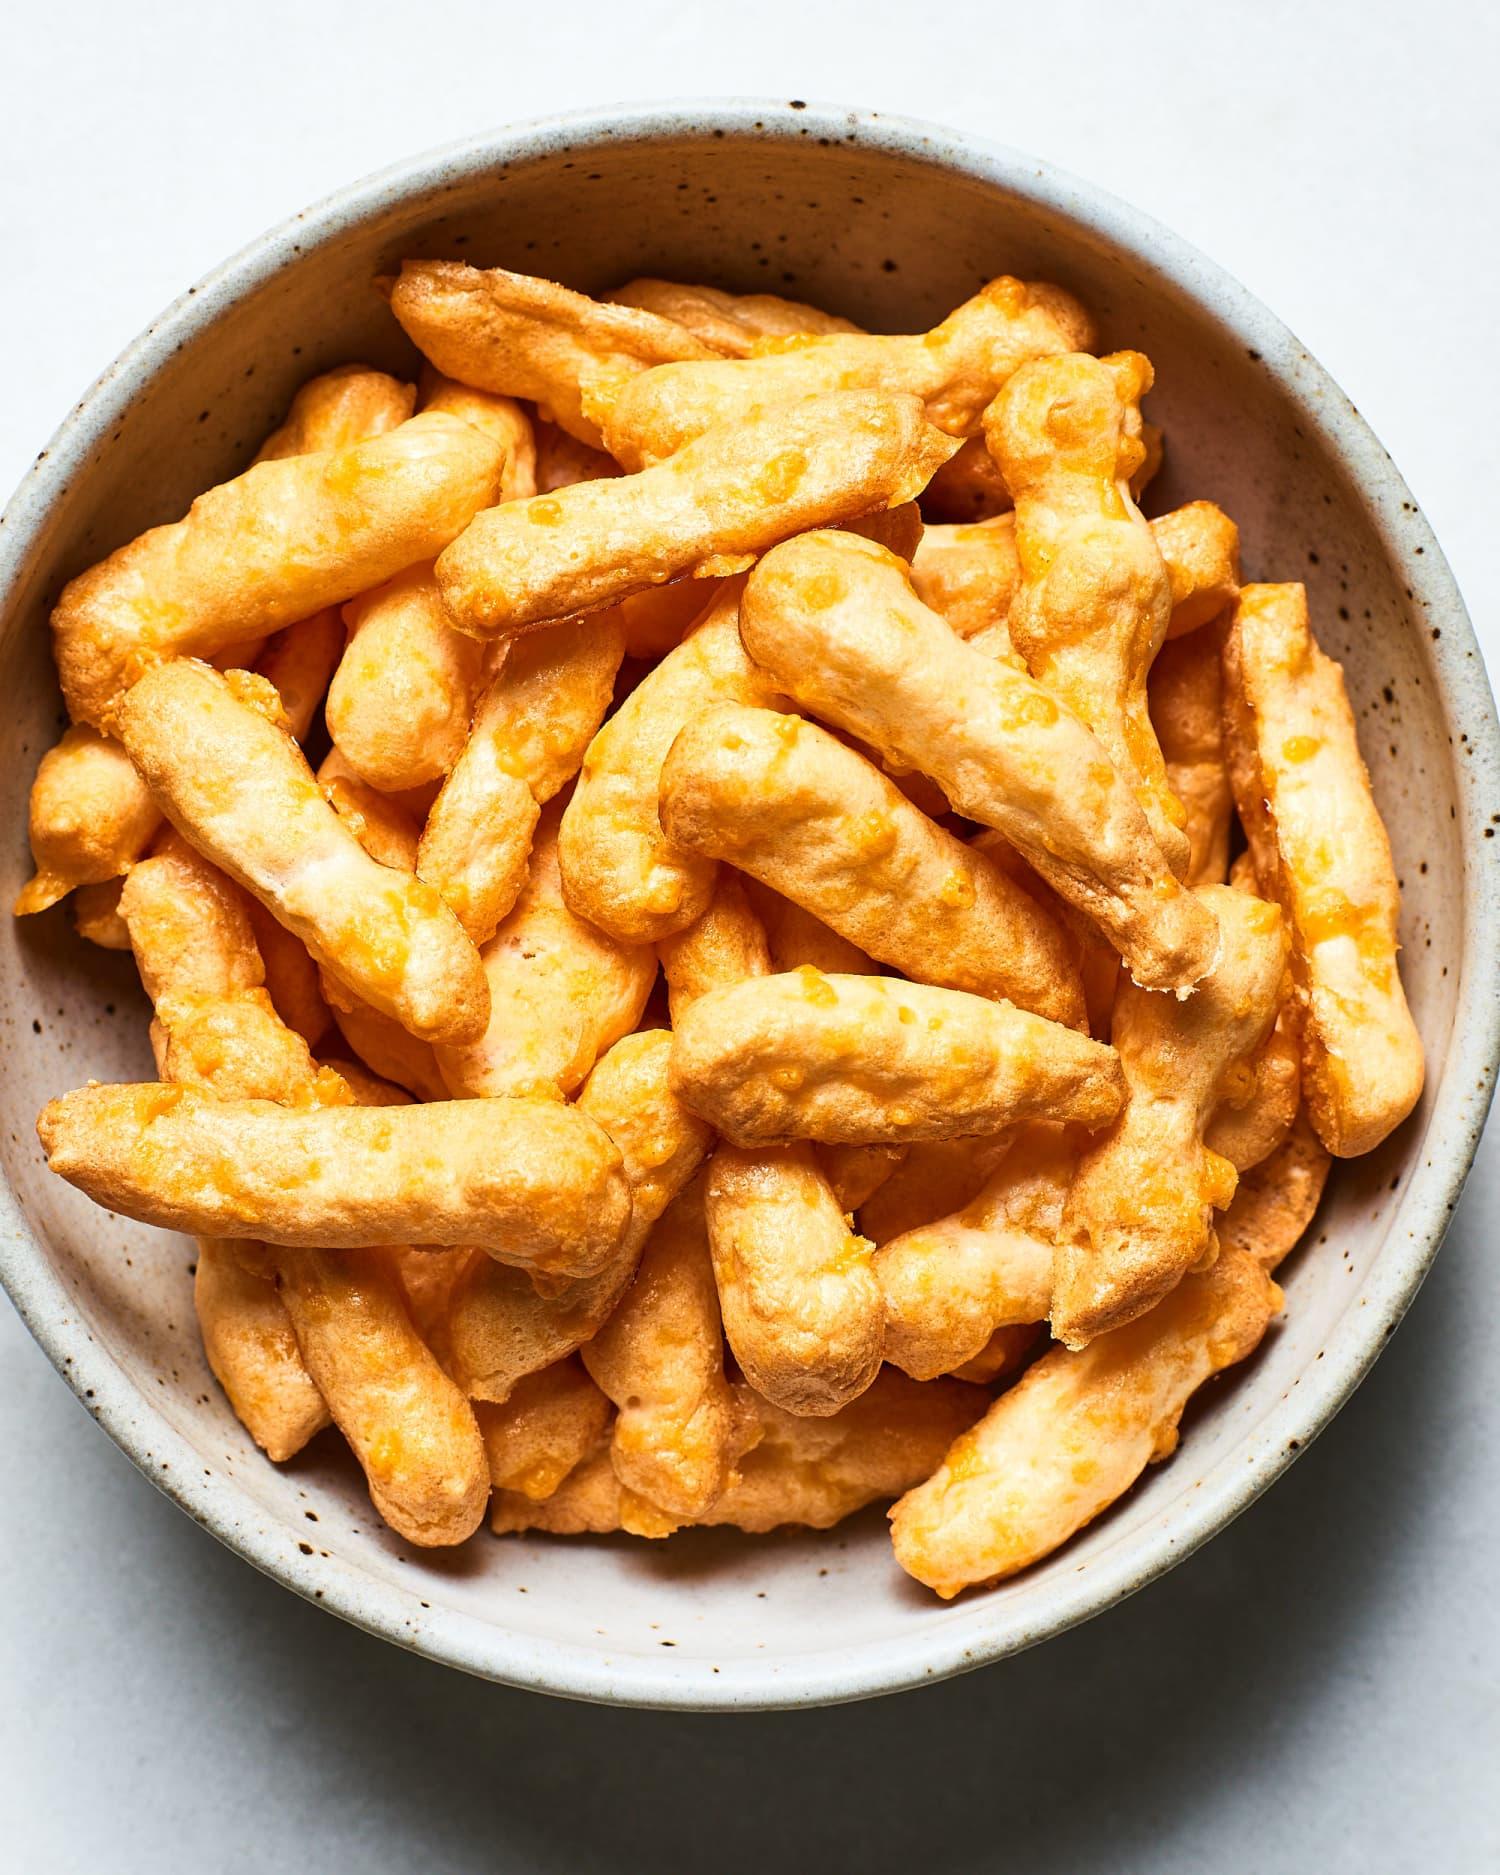 Keto Cheetos